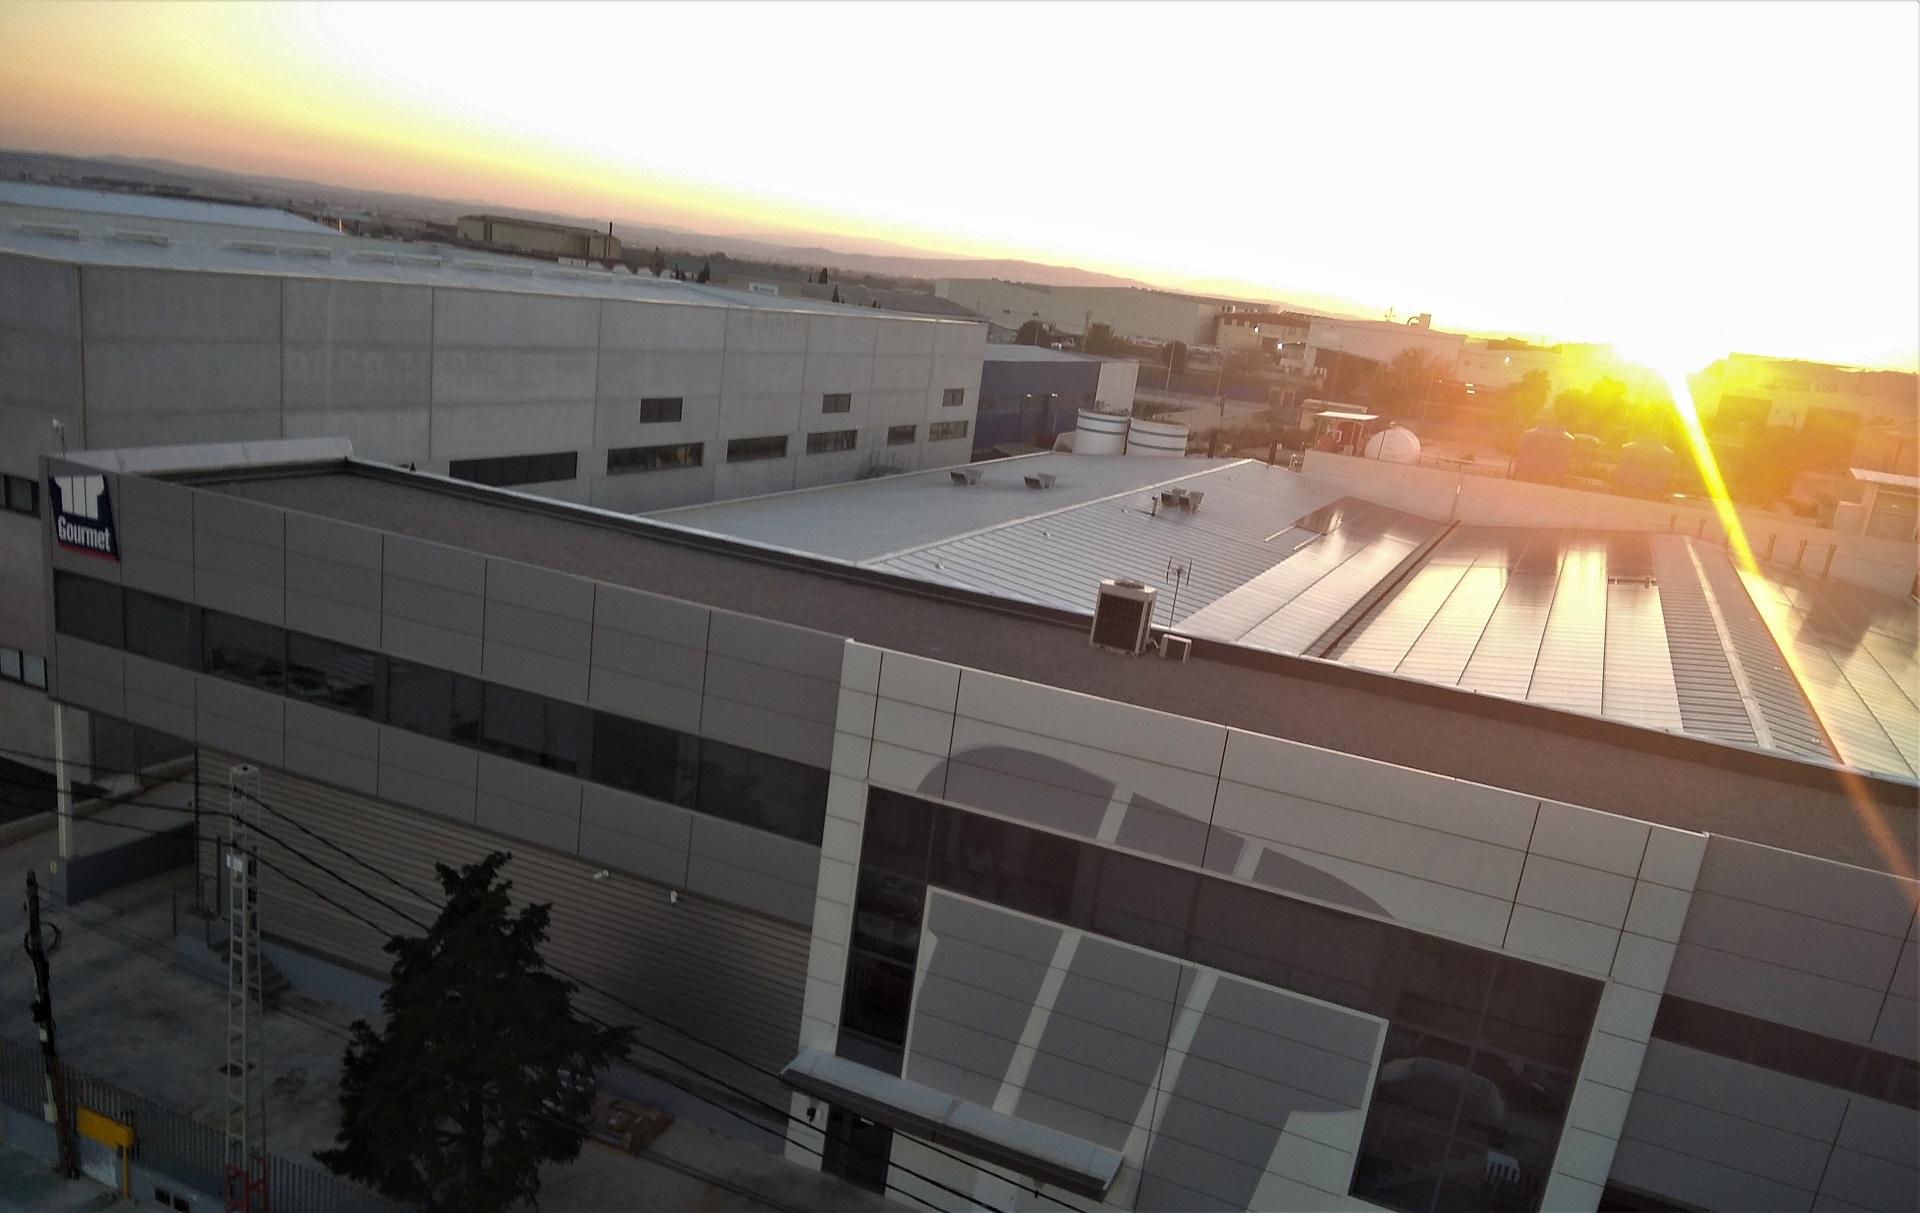 La situación actual del mercado eléctrico ha llevado a muchas empresas a plantearse un cambio: las instalaciones fotovoltaicas.